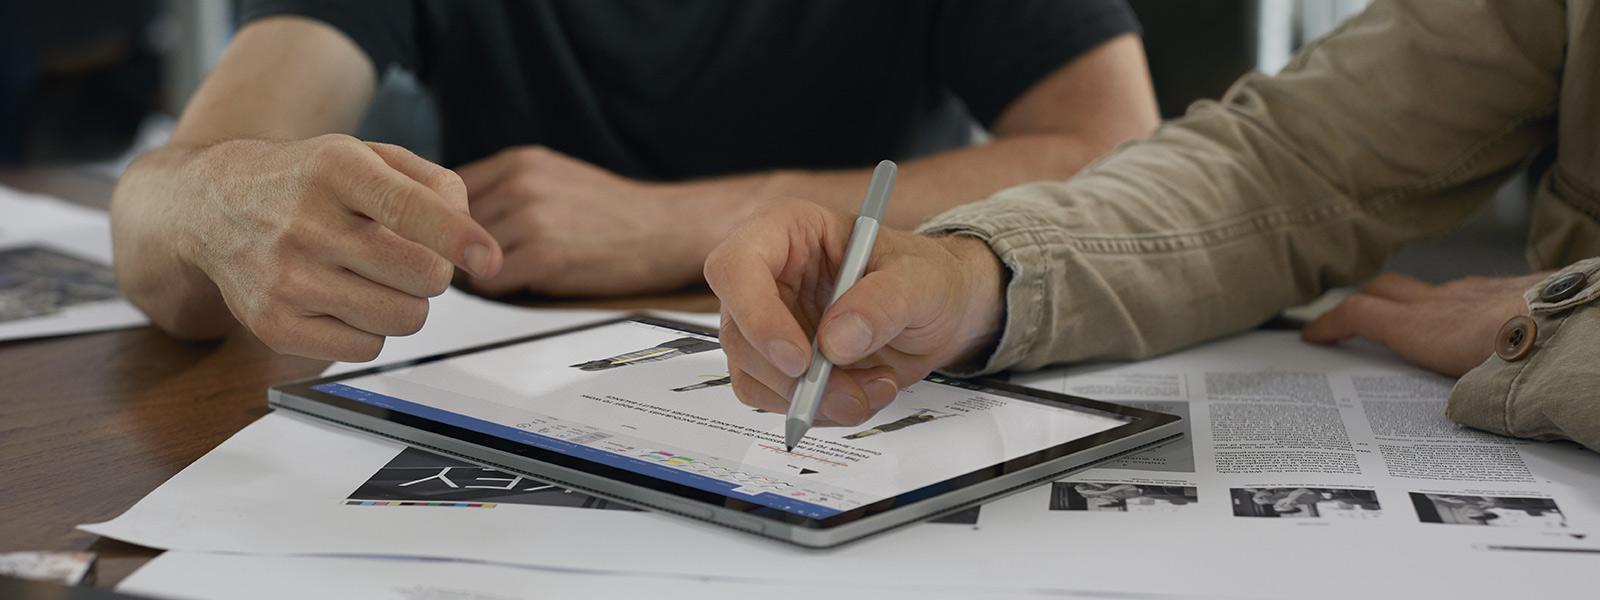 Écriture avec un StyletSurface sur un écran SurfaceBook2